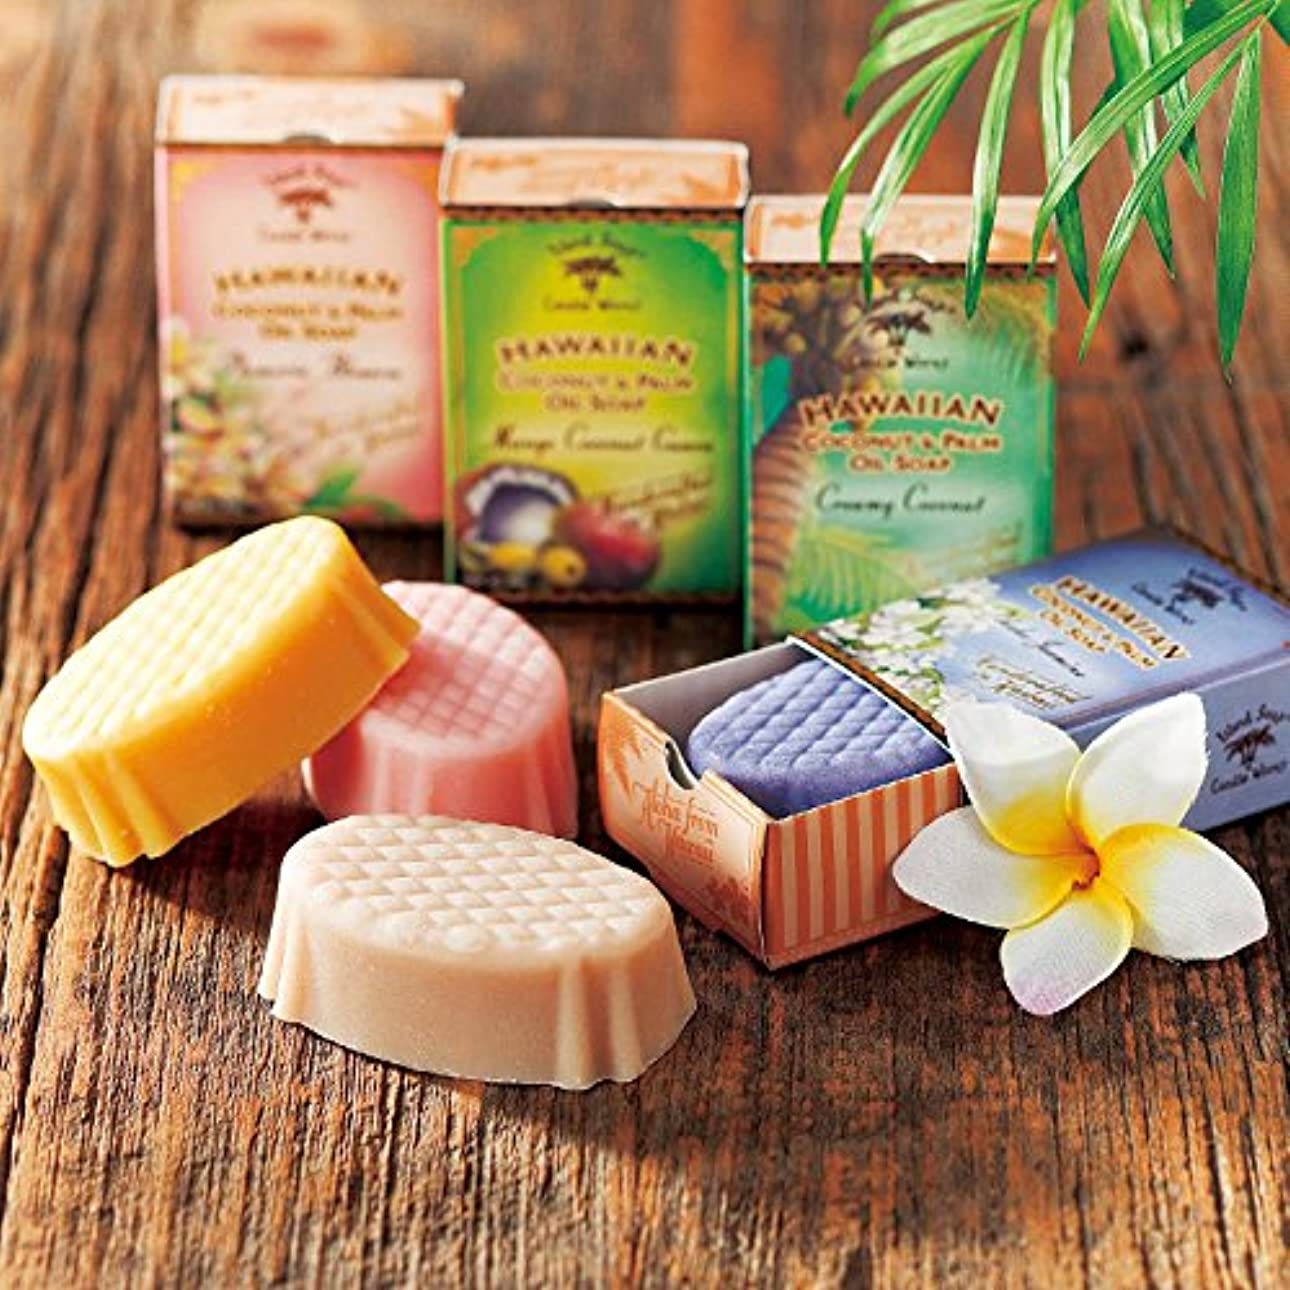 エゴマニア一般化する行くハワイ 土産 アイランドソープ ココナッツソープ 4種セット (海外旅行 ハワイ お土産)